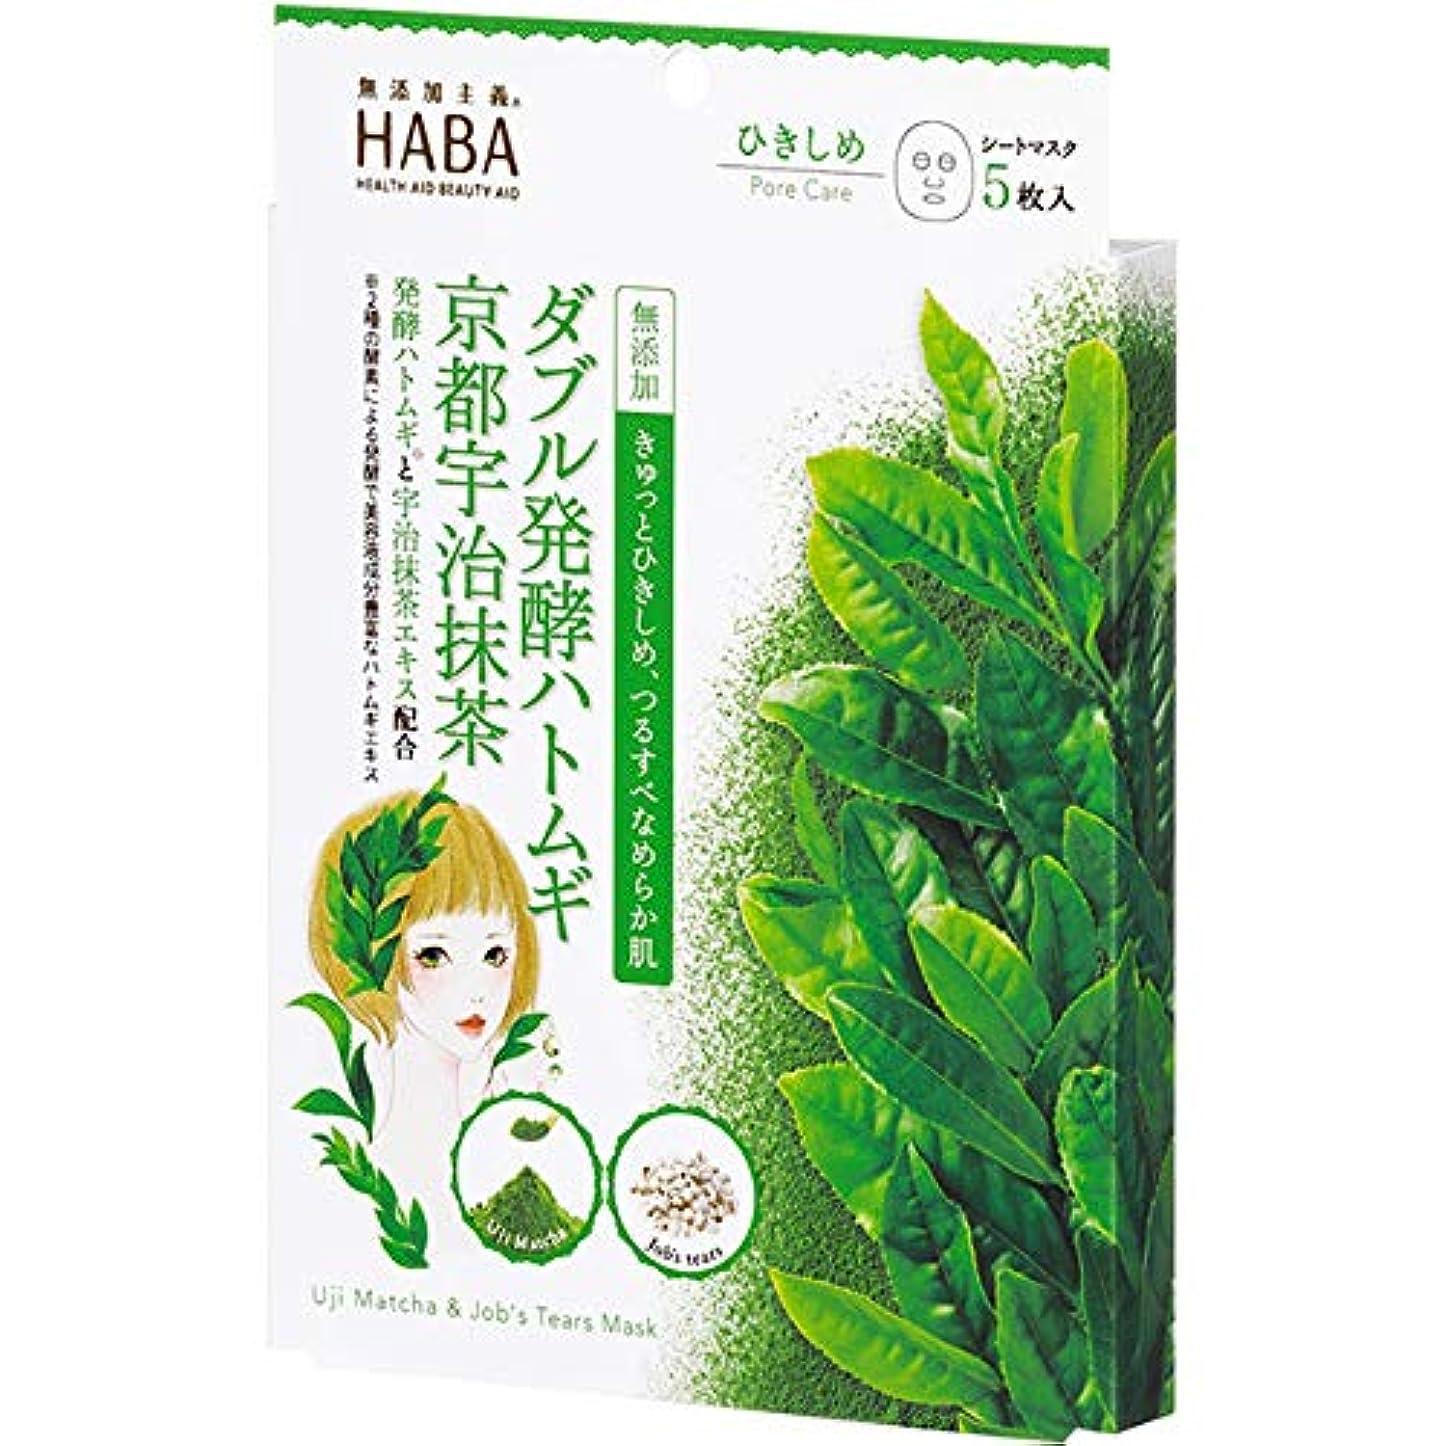 パーティション形成入口ハーバー 発酵ハトムギ宇治抹茶マスク 5包